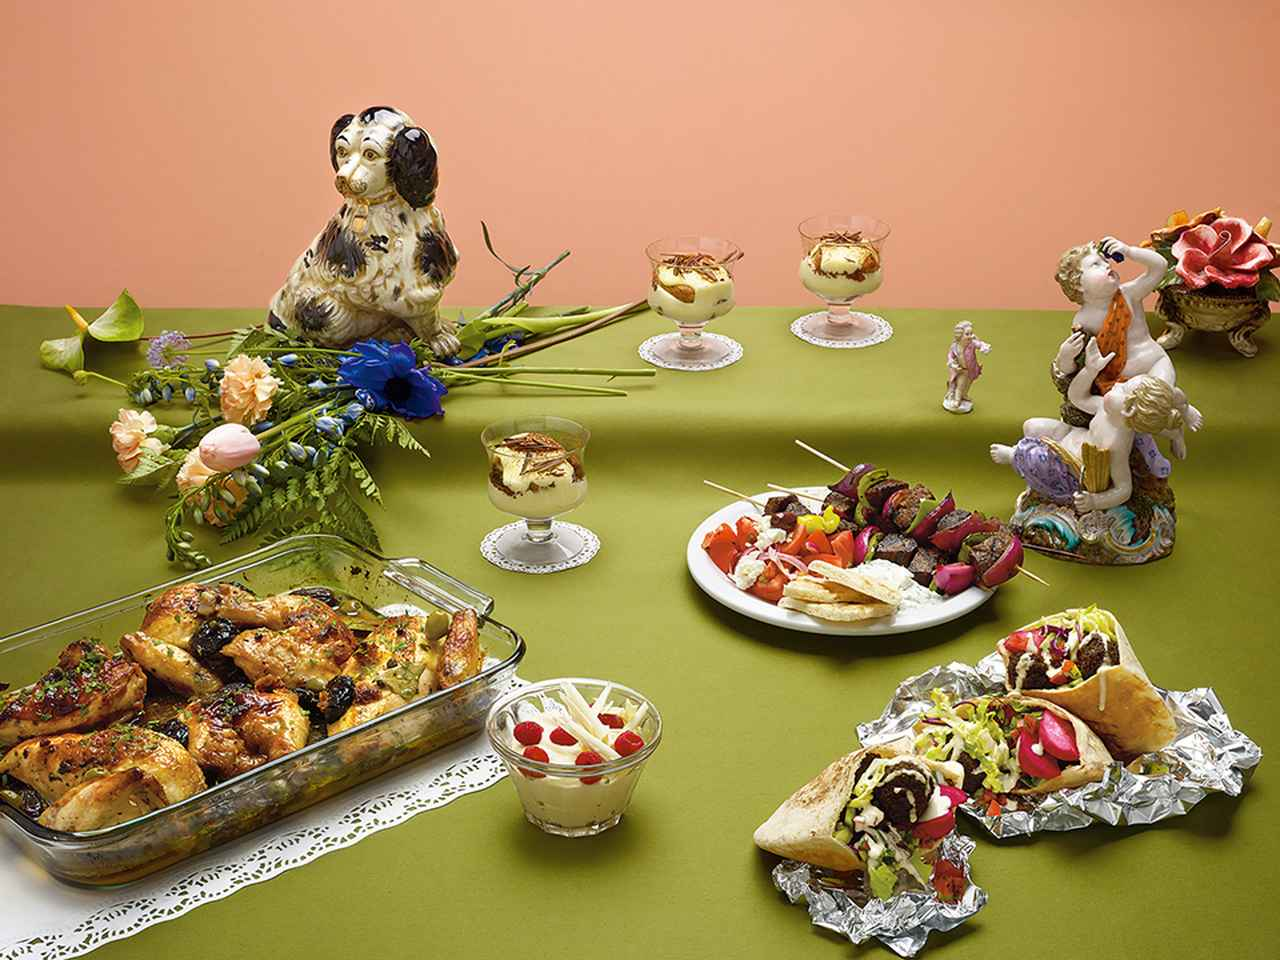 Images : グローバルな発想から生まれた料理がニューヨークで人気を博した